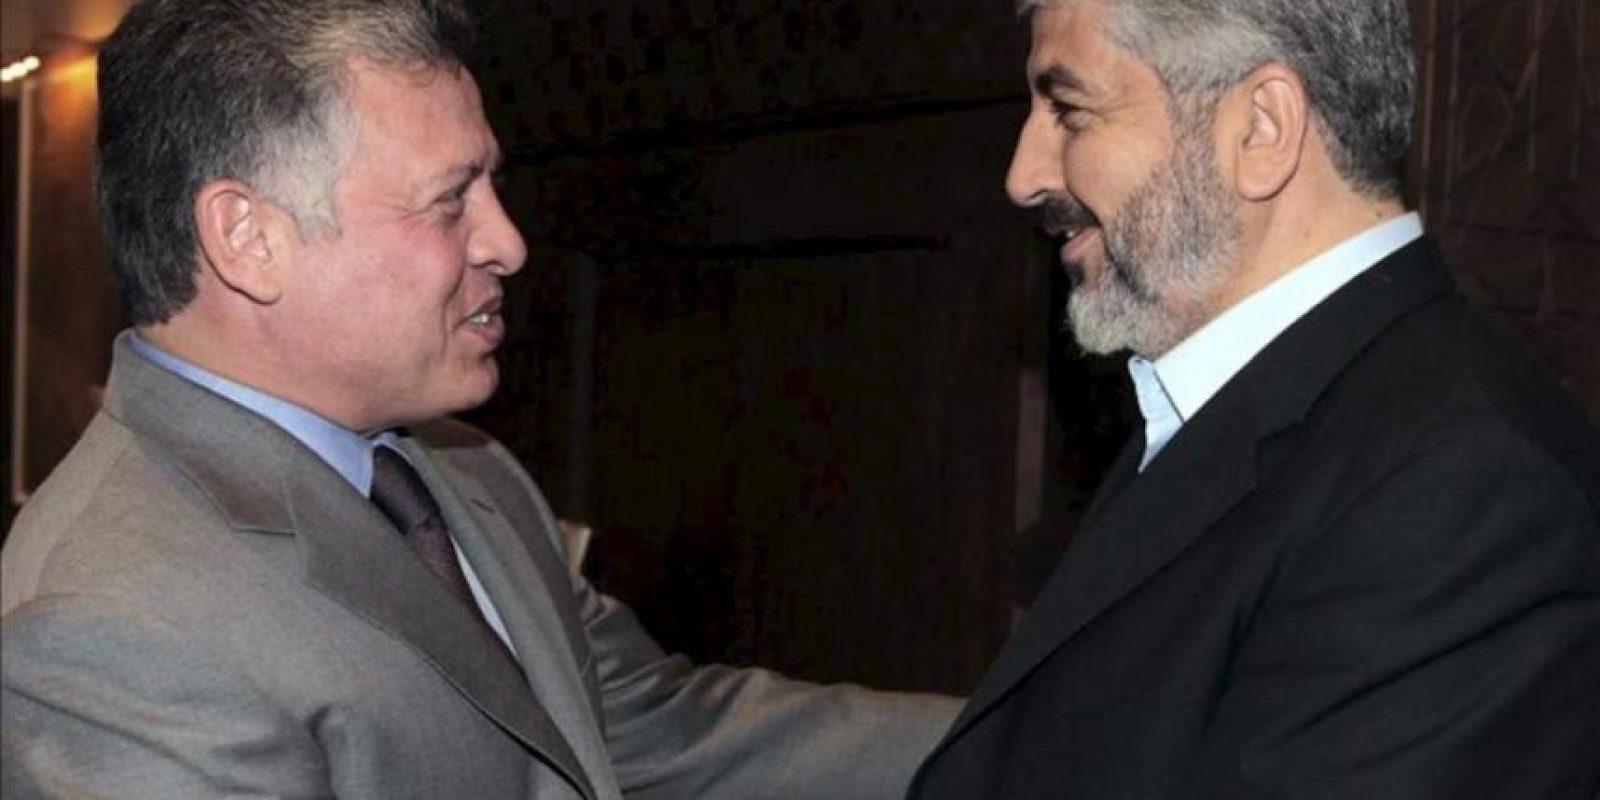 Imagen distribuida por la Casa Real Jordana que muestra al rey jordano, Abdalá II (izq), saludando al líder en el exilio del movimiento palestino Hamás, Jaled Meshal (der), en Ammán (Jordania). EFE/Casa Real Jordana